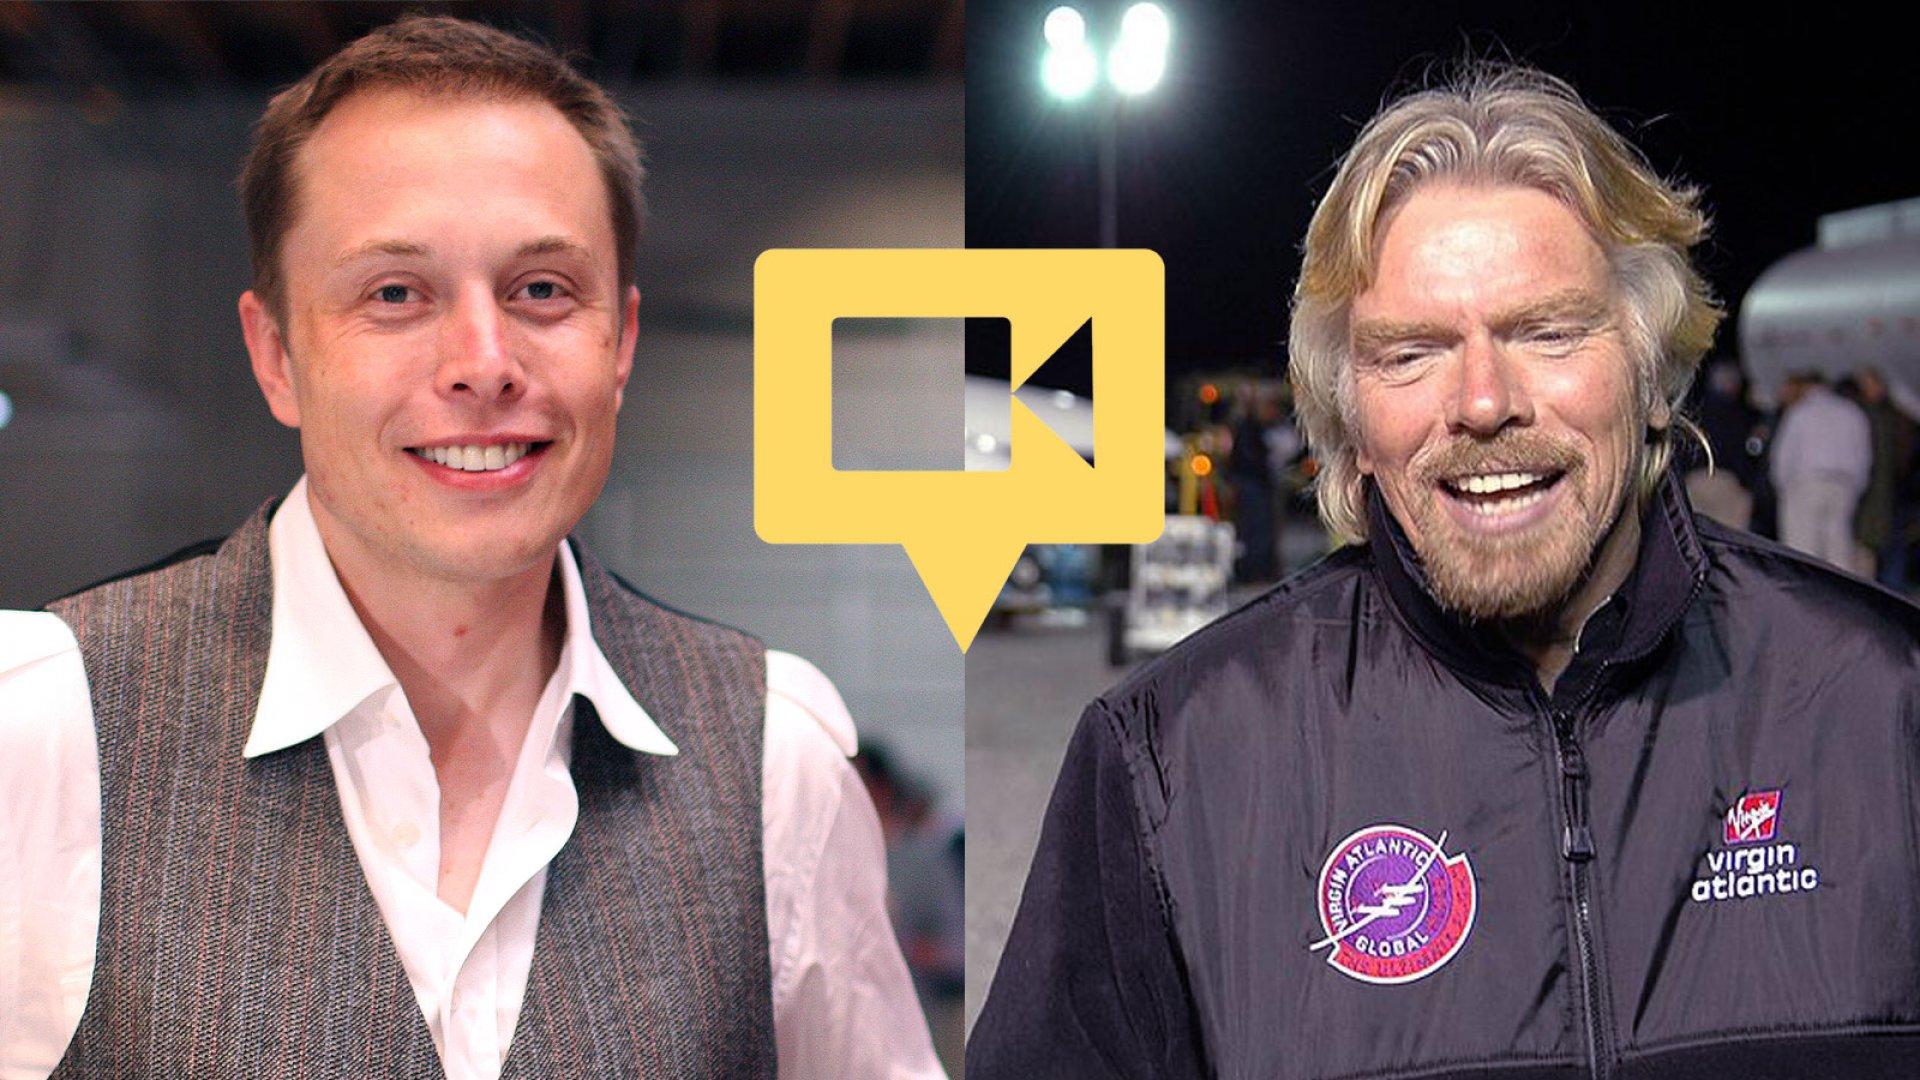 Elon Musk and Richard Branson's Best Advice for Entrepreneurs